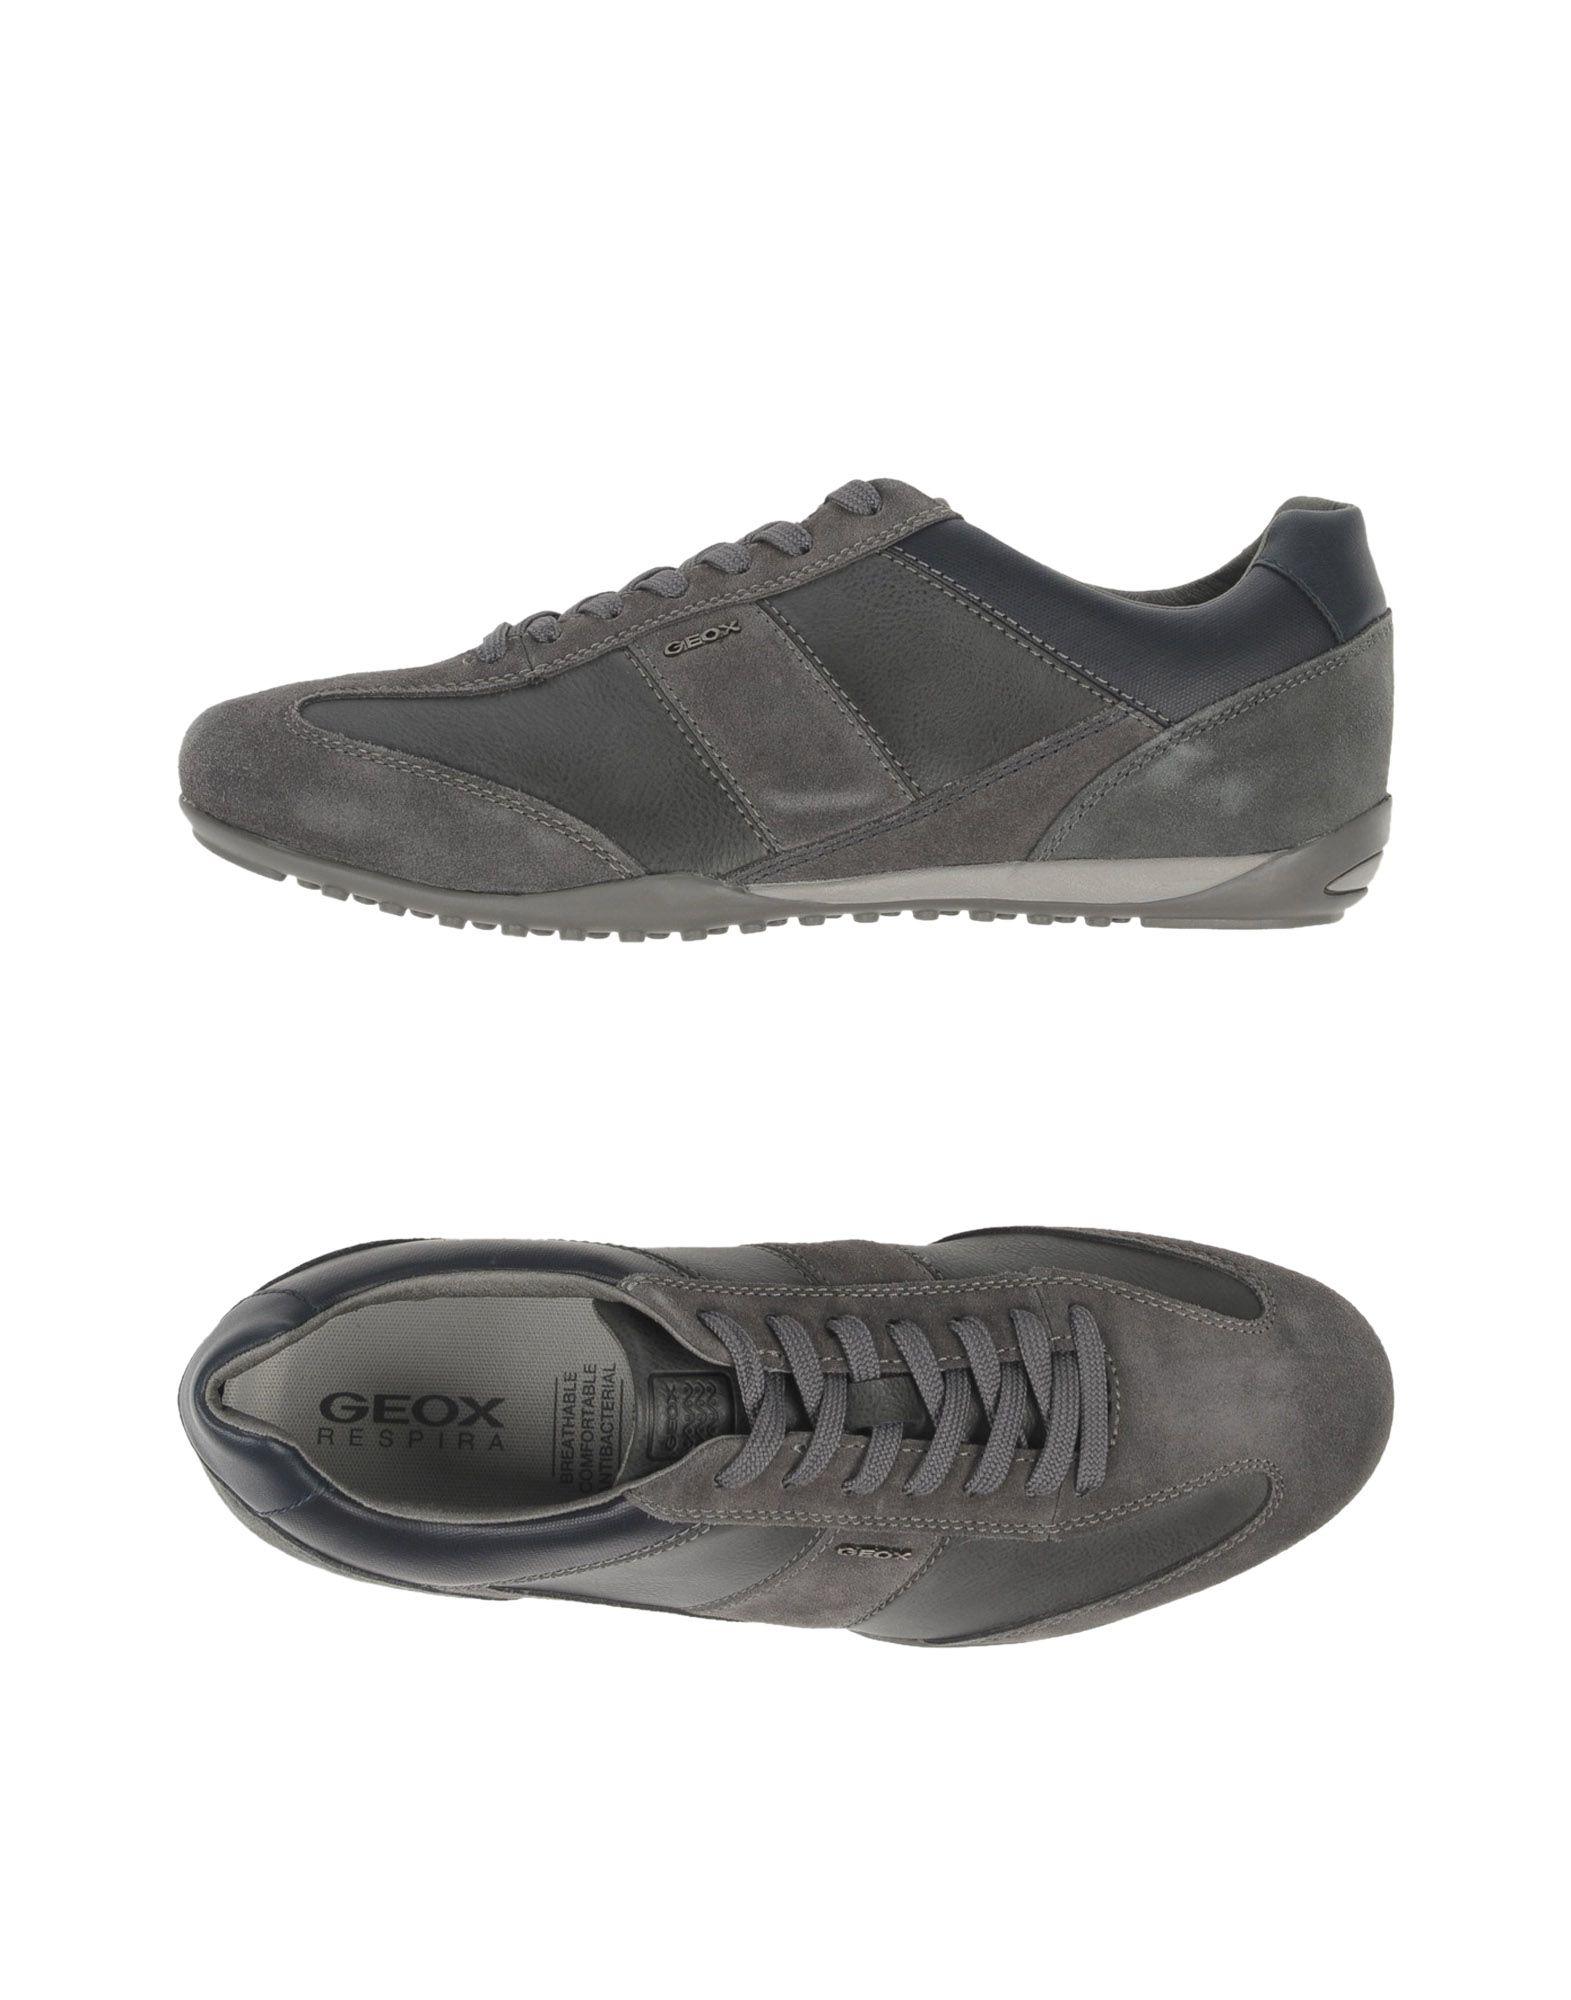 Rabatt echte Schuhe Geox Sneakers Herren  11315358CV